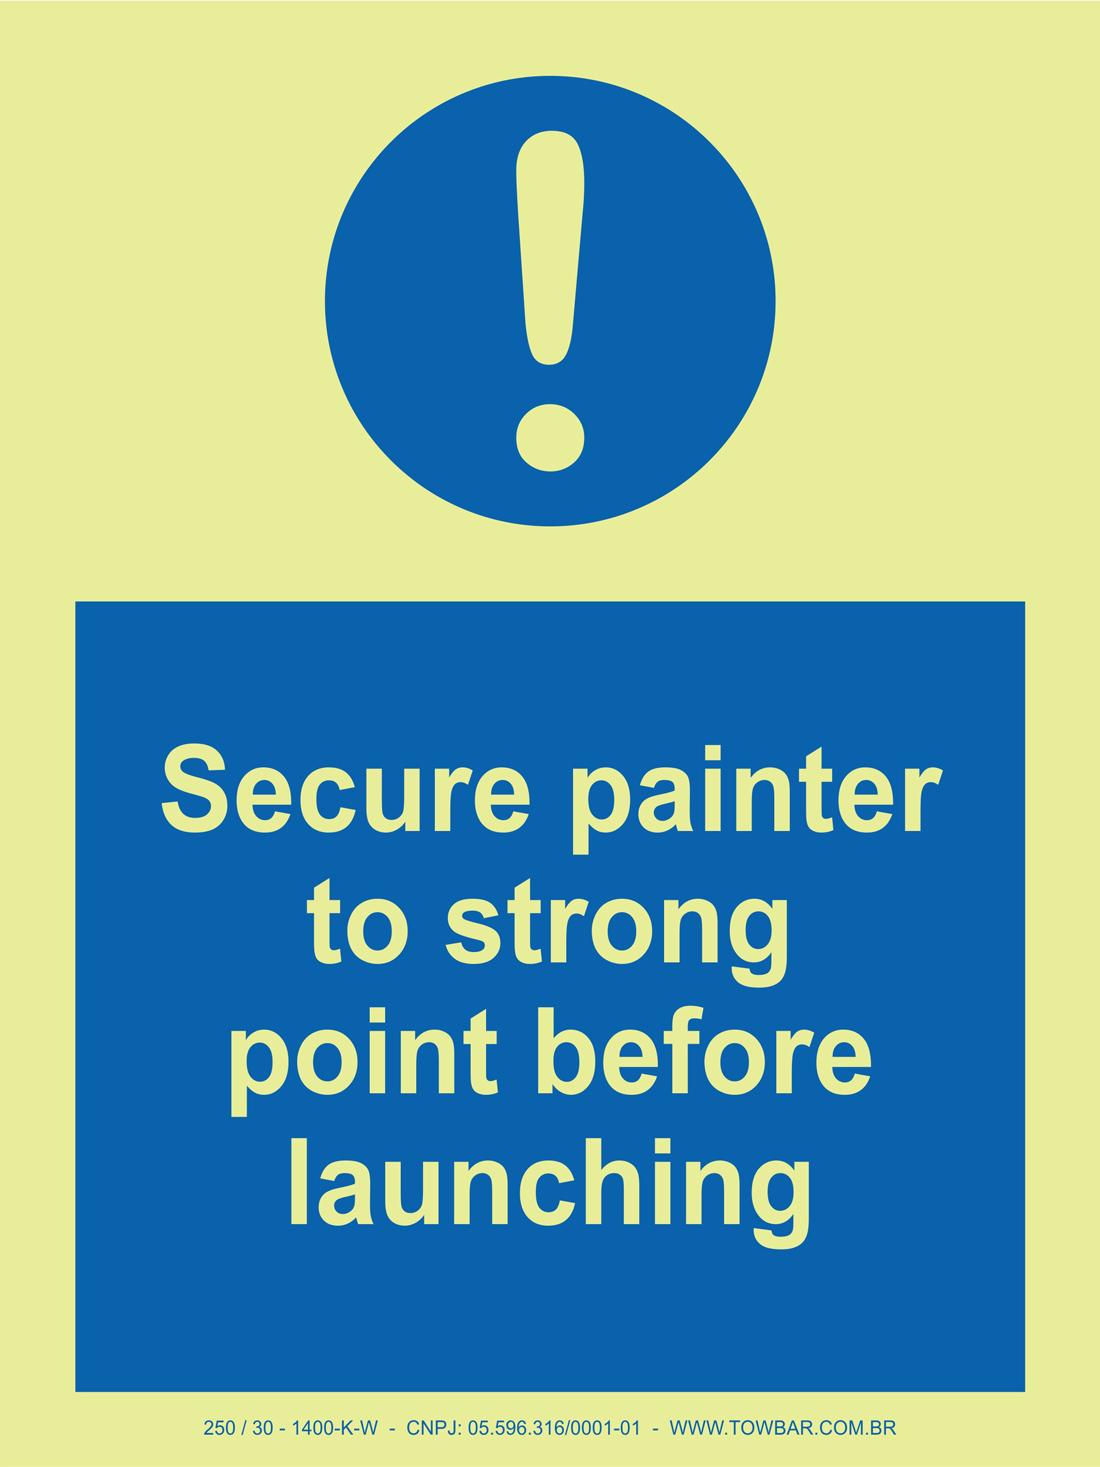 Secure painter to strong point before lauching  - Towbar Sinalização de Segurança